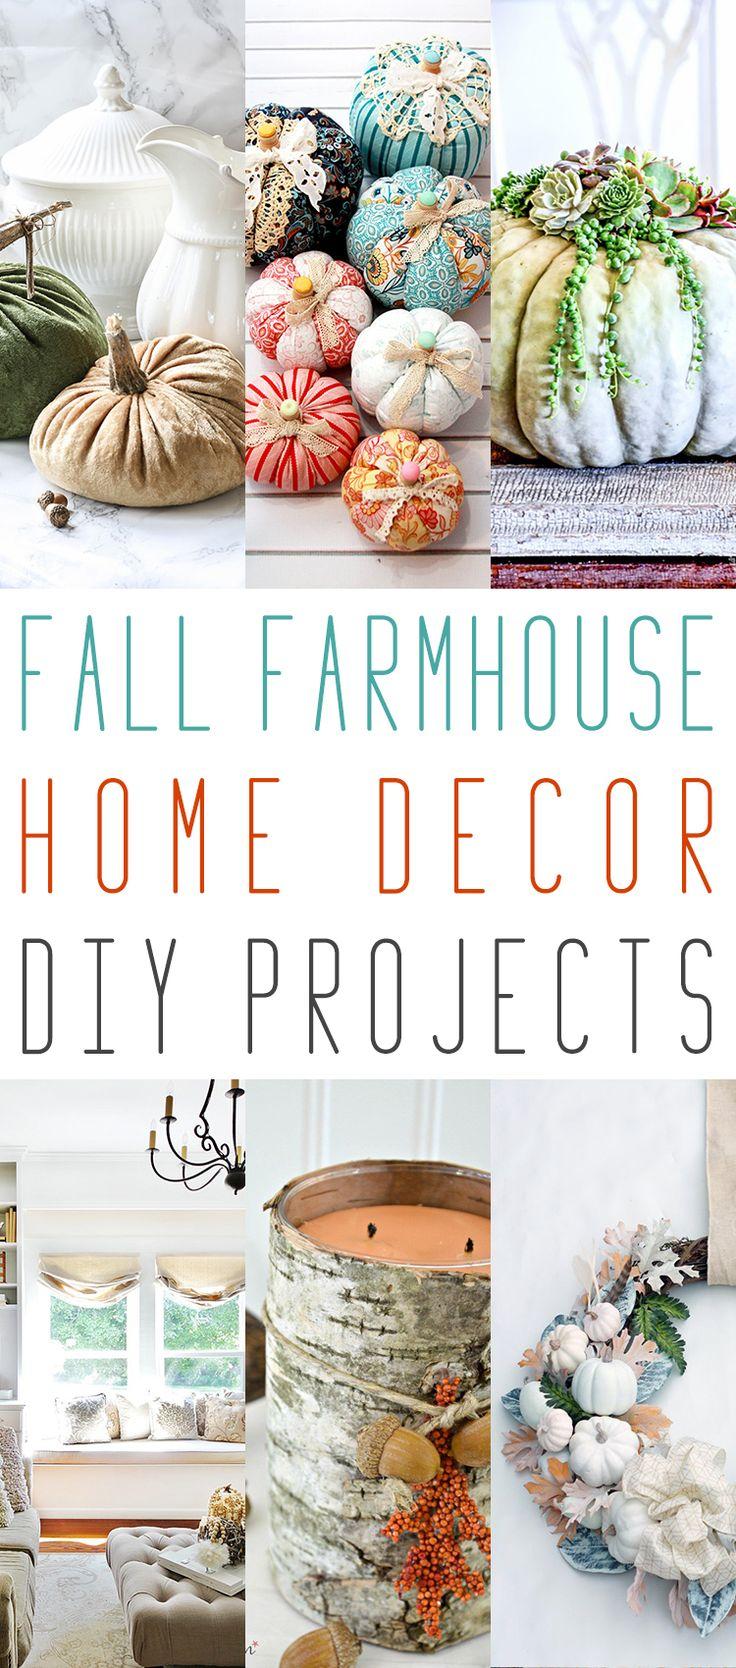 10 herfstboerderij Home Decor DIY-projecten